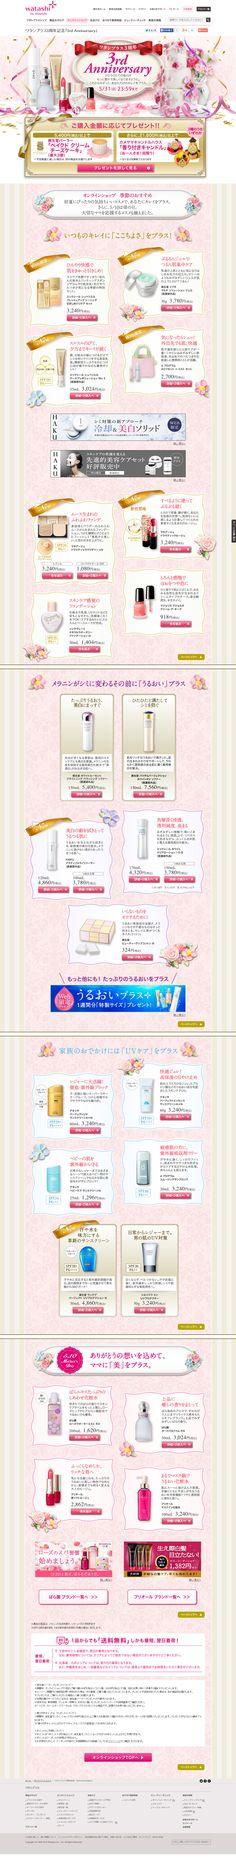 資生堂 Web Design, Site Design, Graphic Design, Leaflet Design, Promotional Design, Web Banner, Design Reference, Banner Design, Girly